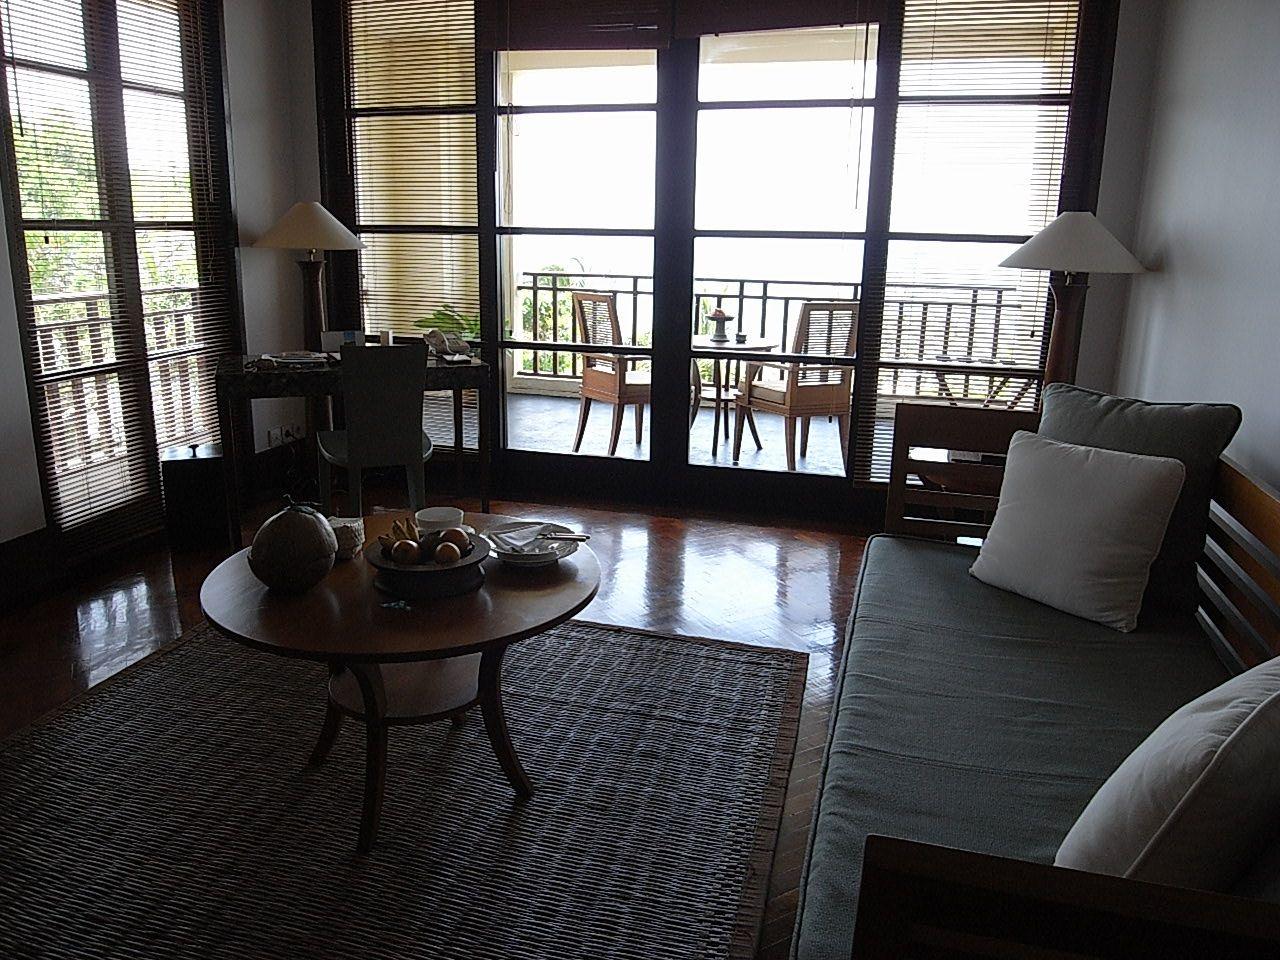 バリのホテルライフ : シニョーラKAYOのイタリアンな生活